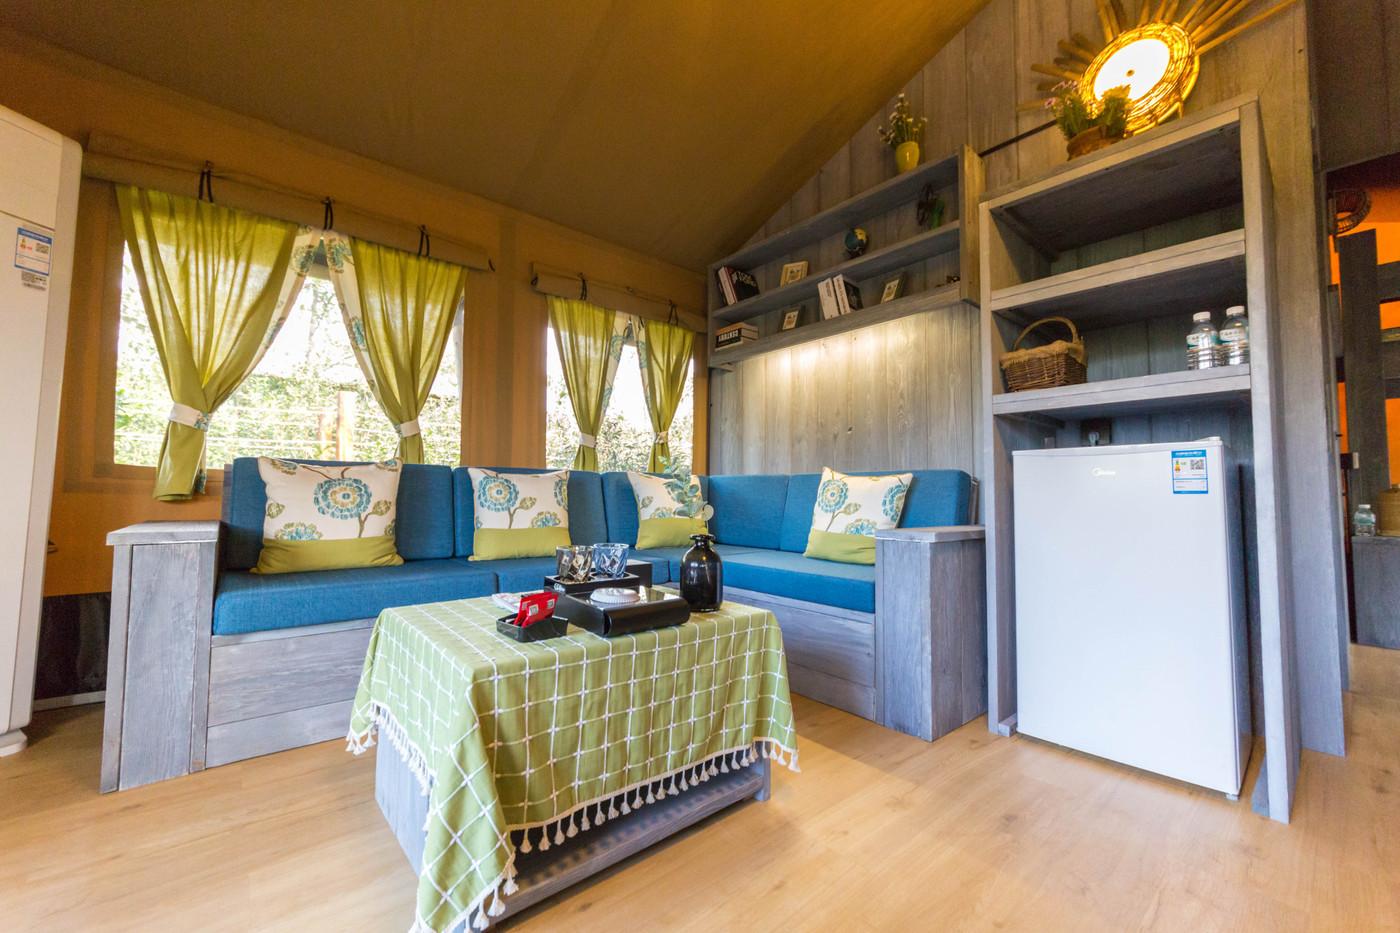 喜马拉雅野奢帐篷酒店—云南腾冲高黎贡山茶博园39